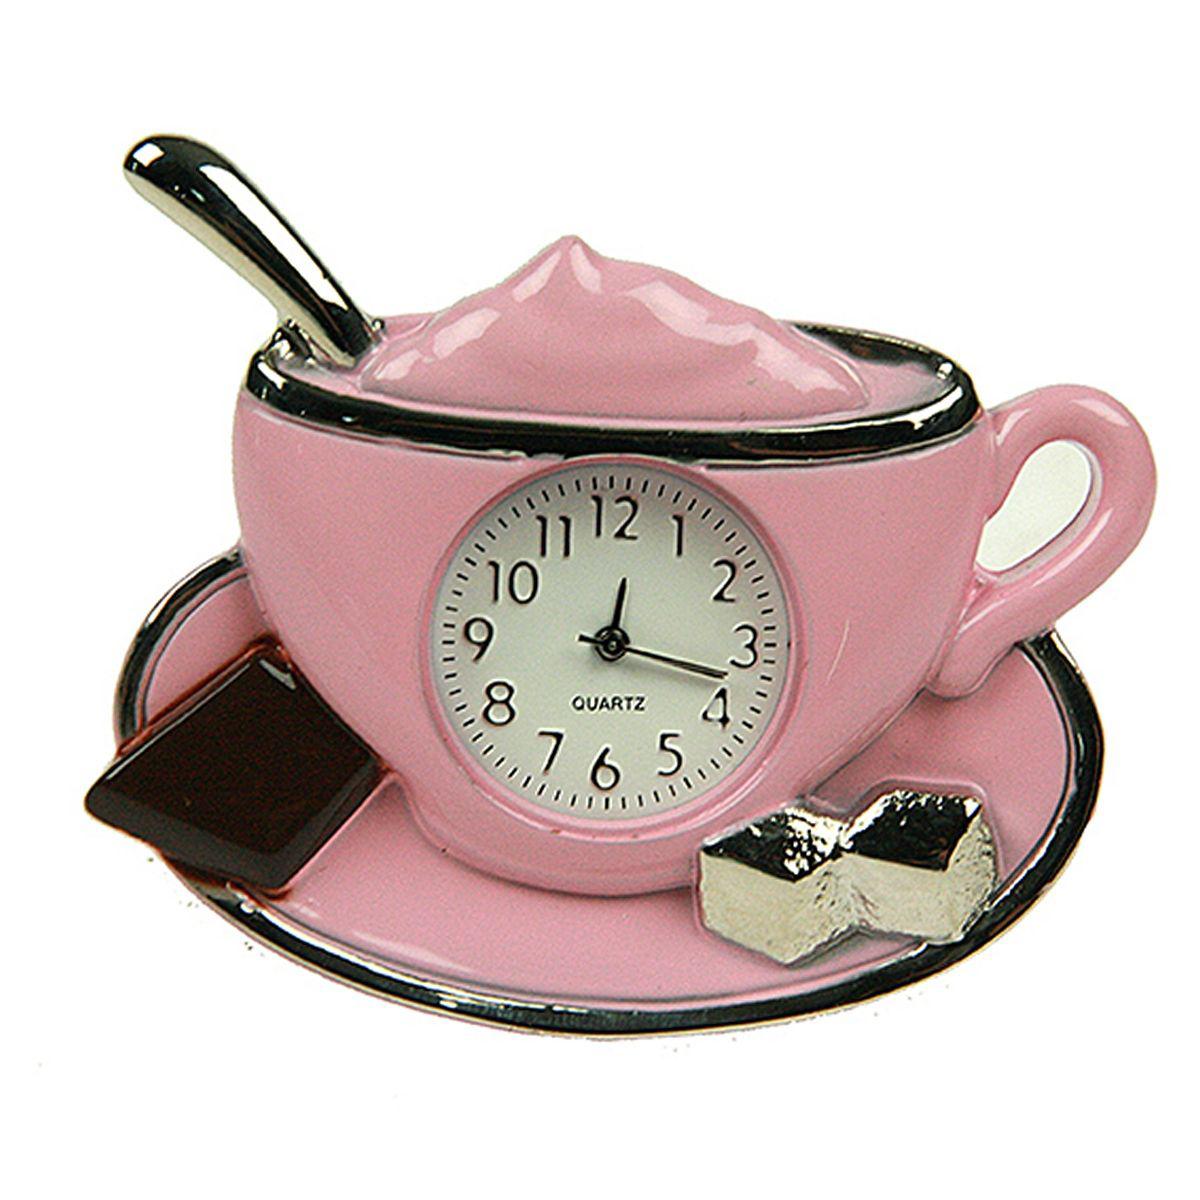 Часы настольные Русские Подарки Капучино. 2243694672Настольные кварцевые часы Русские Подарки Капучино изготовлены из металла. Корпус оригинально оформлен в виде чашечки кофе. Часы имеют три стрелки - часовую, минутную и секундную.Изящные часы украсят интерьер дома или рабочий стол в офисе. Также часы могут стать уникальным, полезным подарком для родственников, коллег, знакомых и близких.Часы работают от батареек типа SR626 (в комплект не входят).